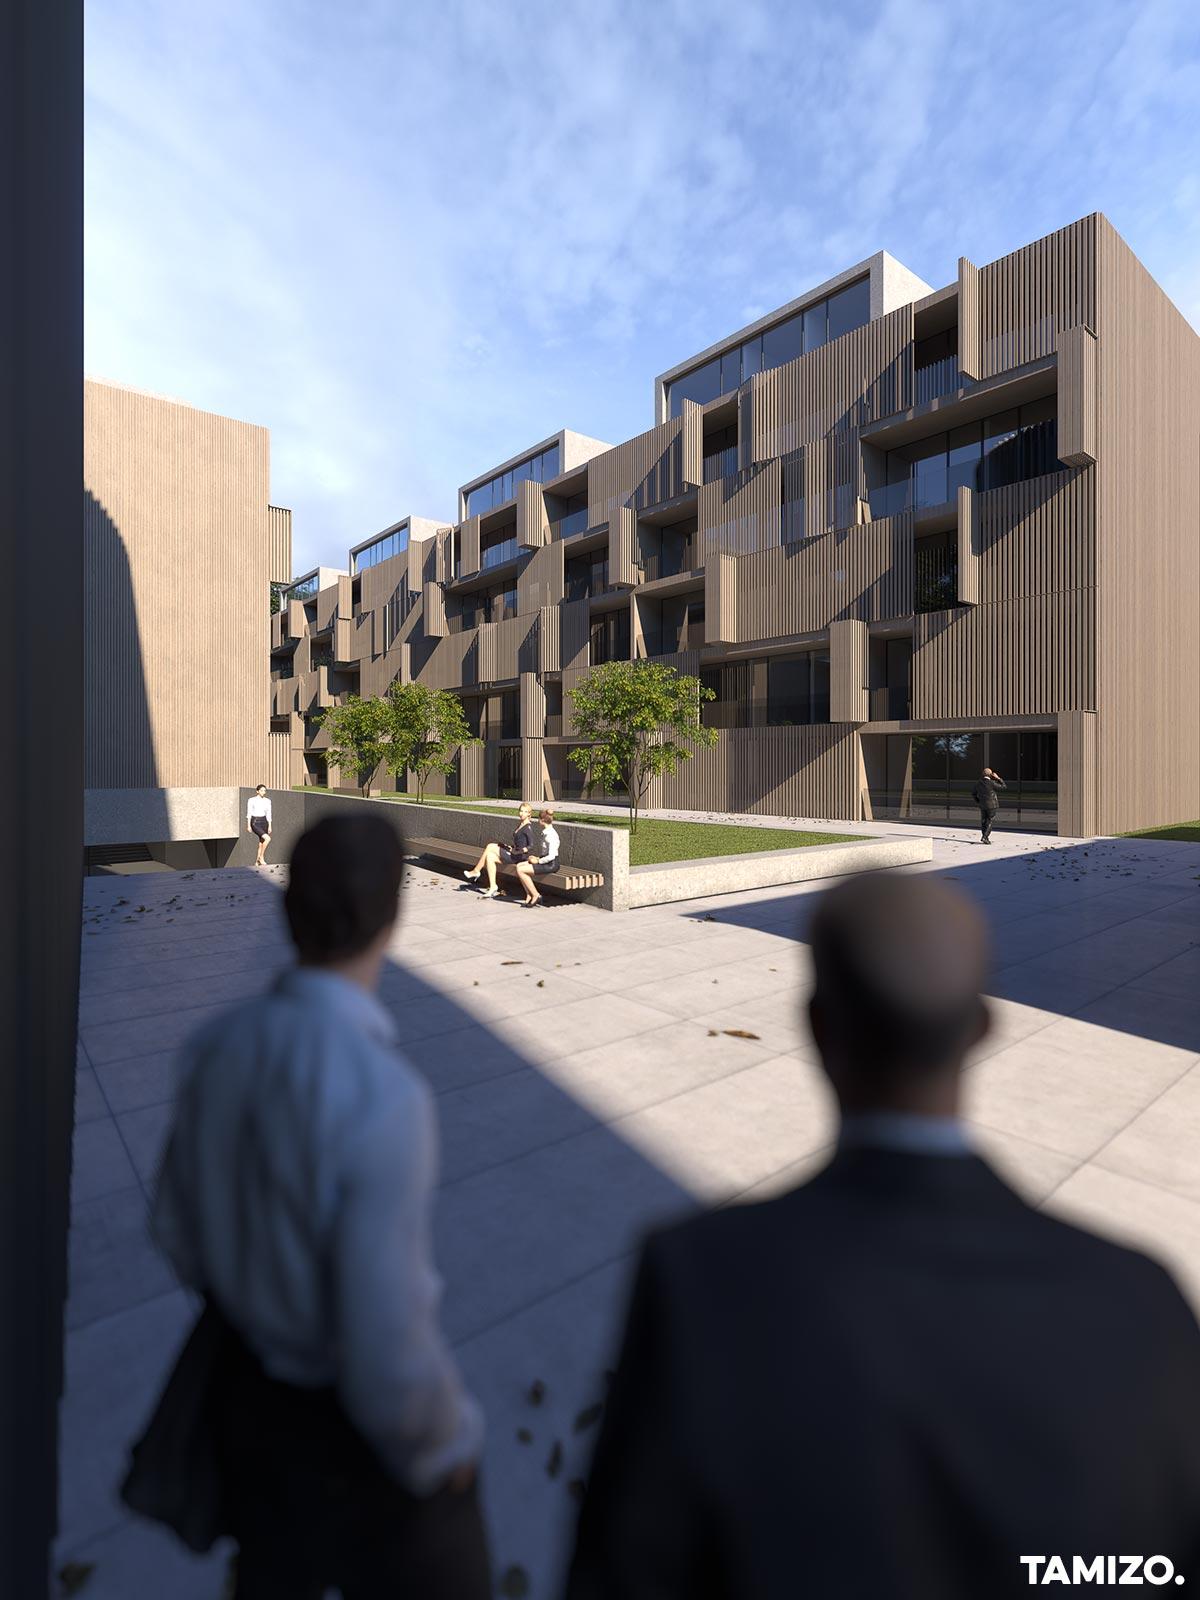 tamizo_architecture_houseing_mieszkaniowa_architektura_biura_office_builidng_lodz_07